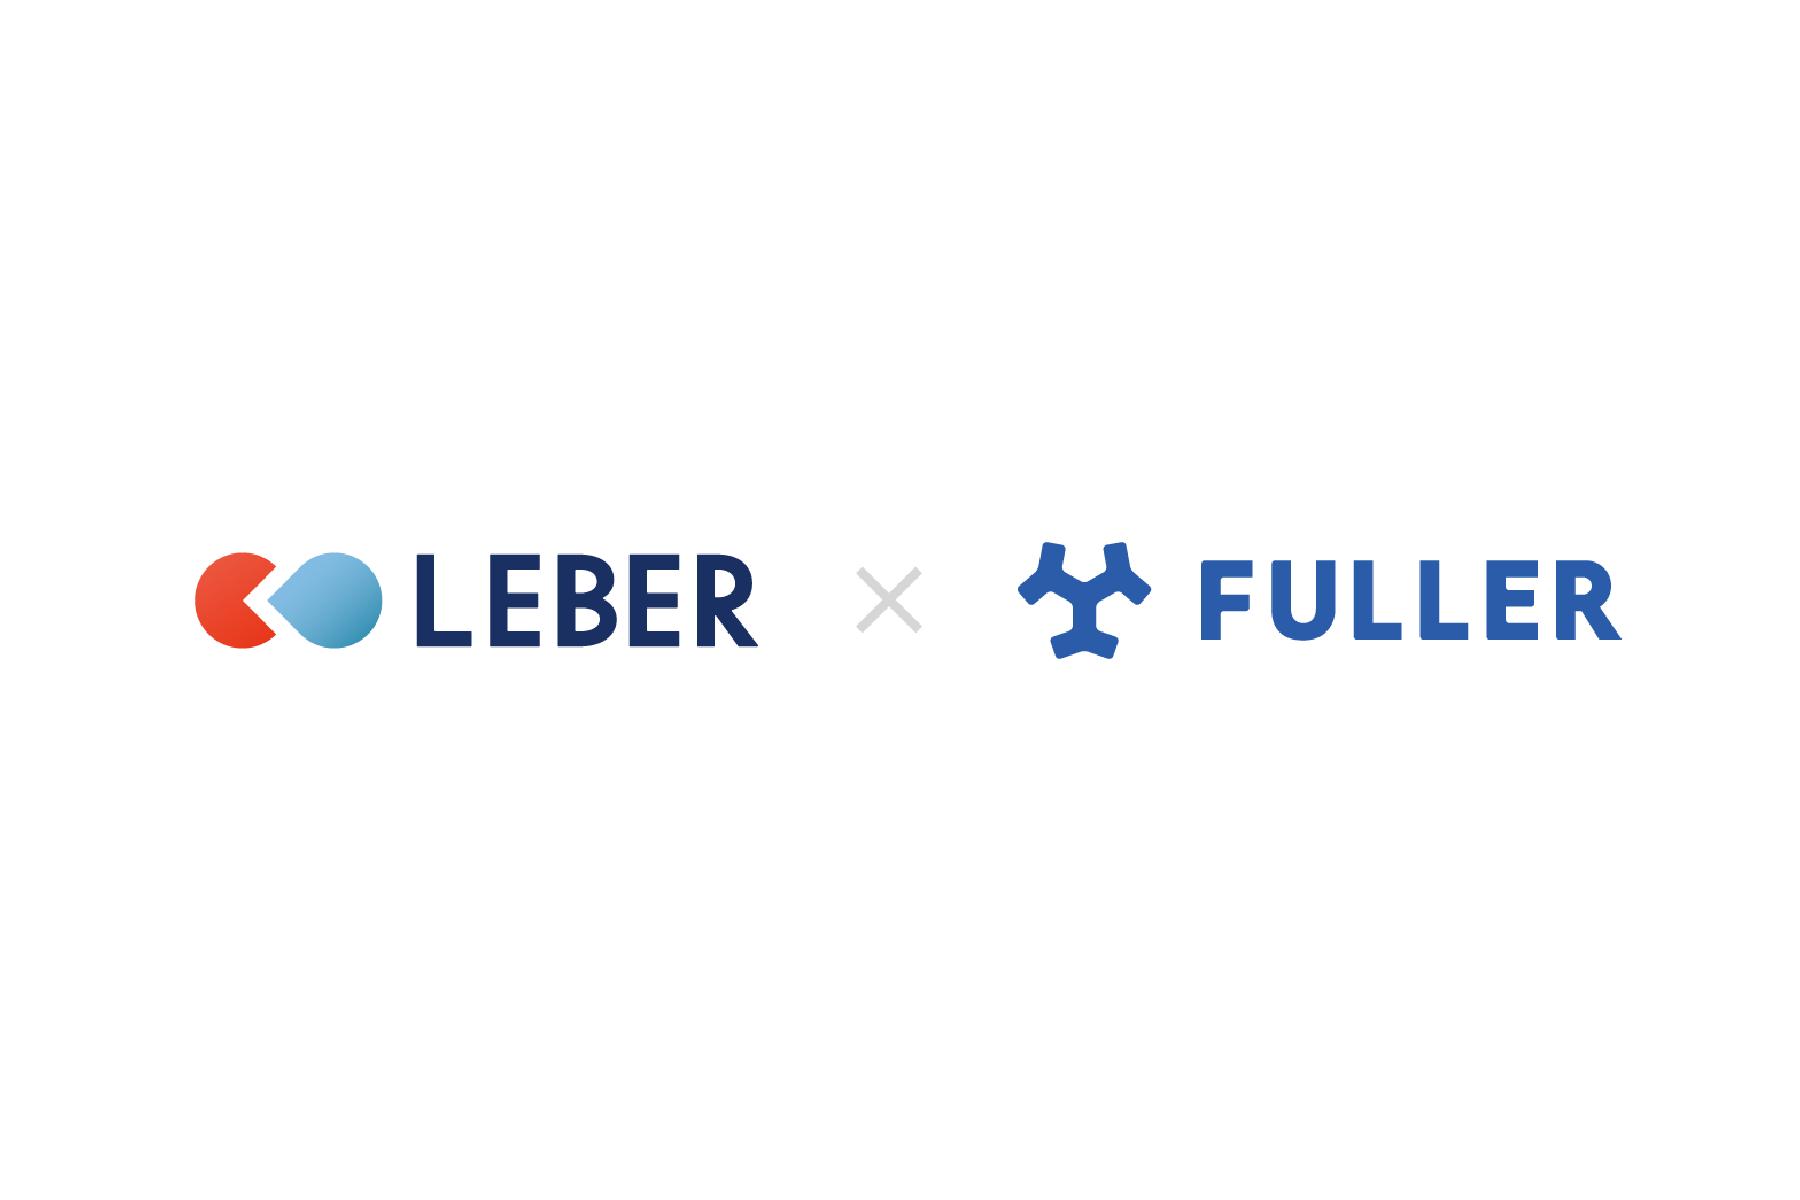 医療相談アプリ「LEBER」を展開するAGREEとアプリ共創のフラーが業務提携